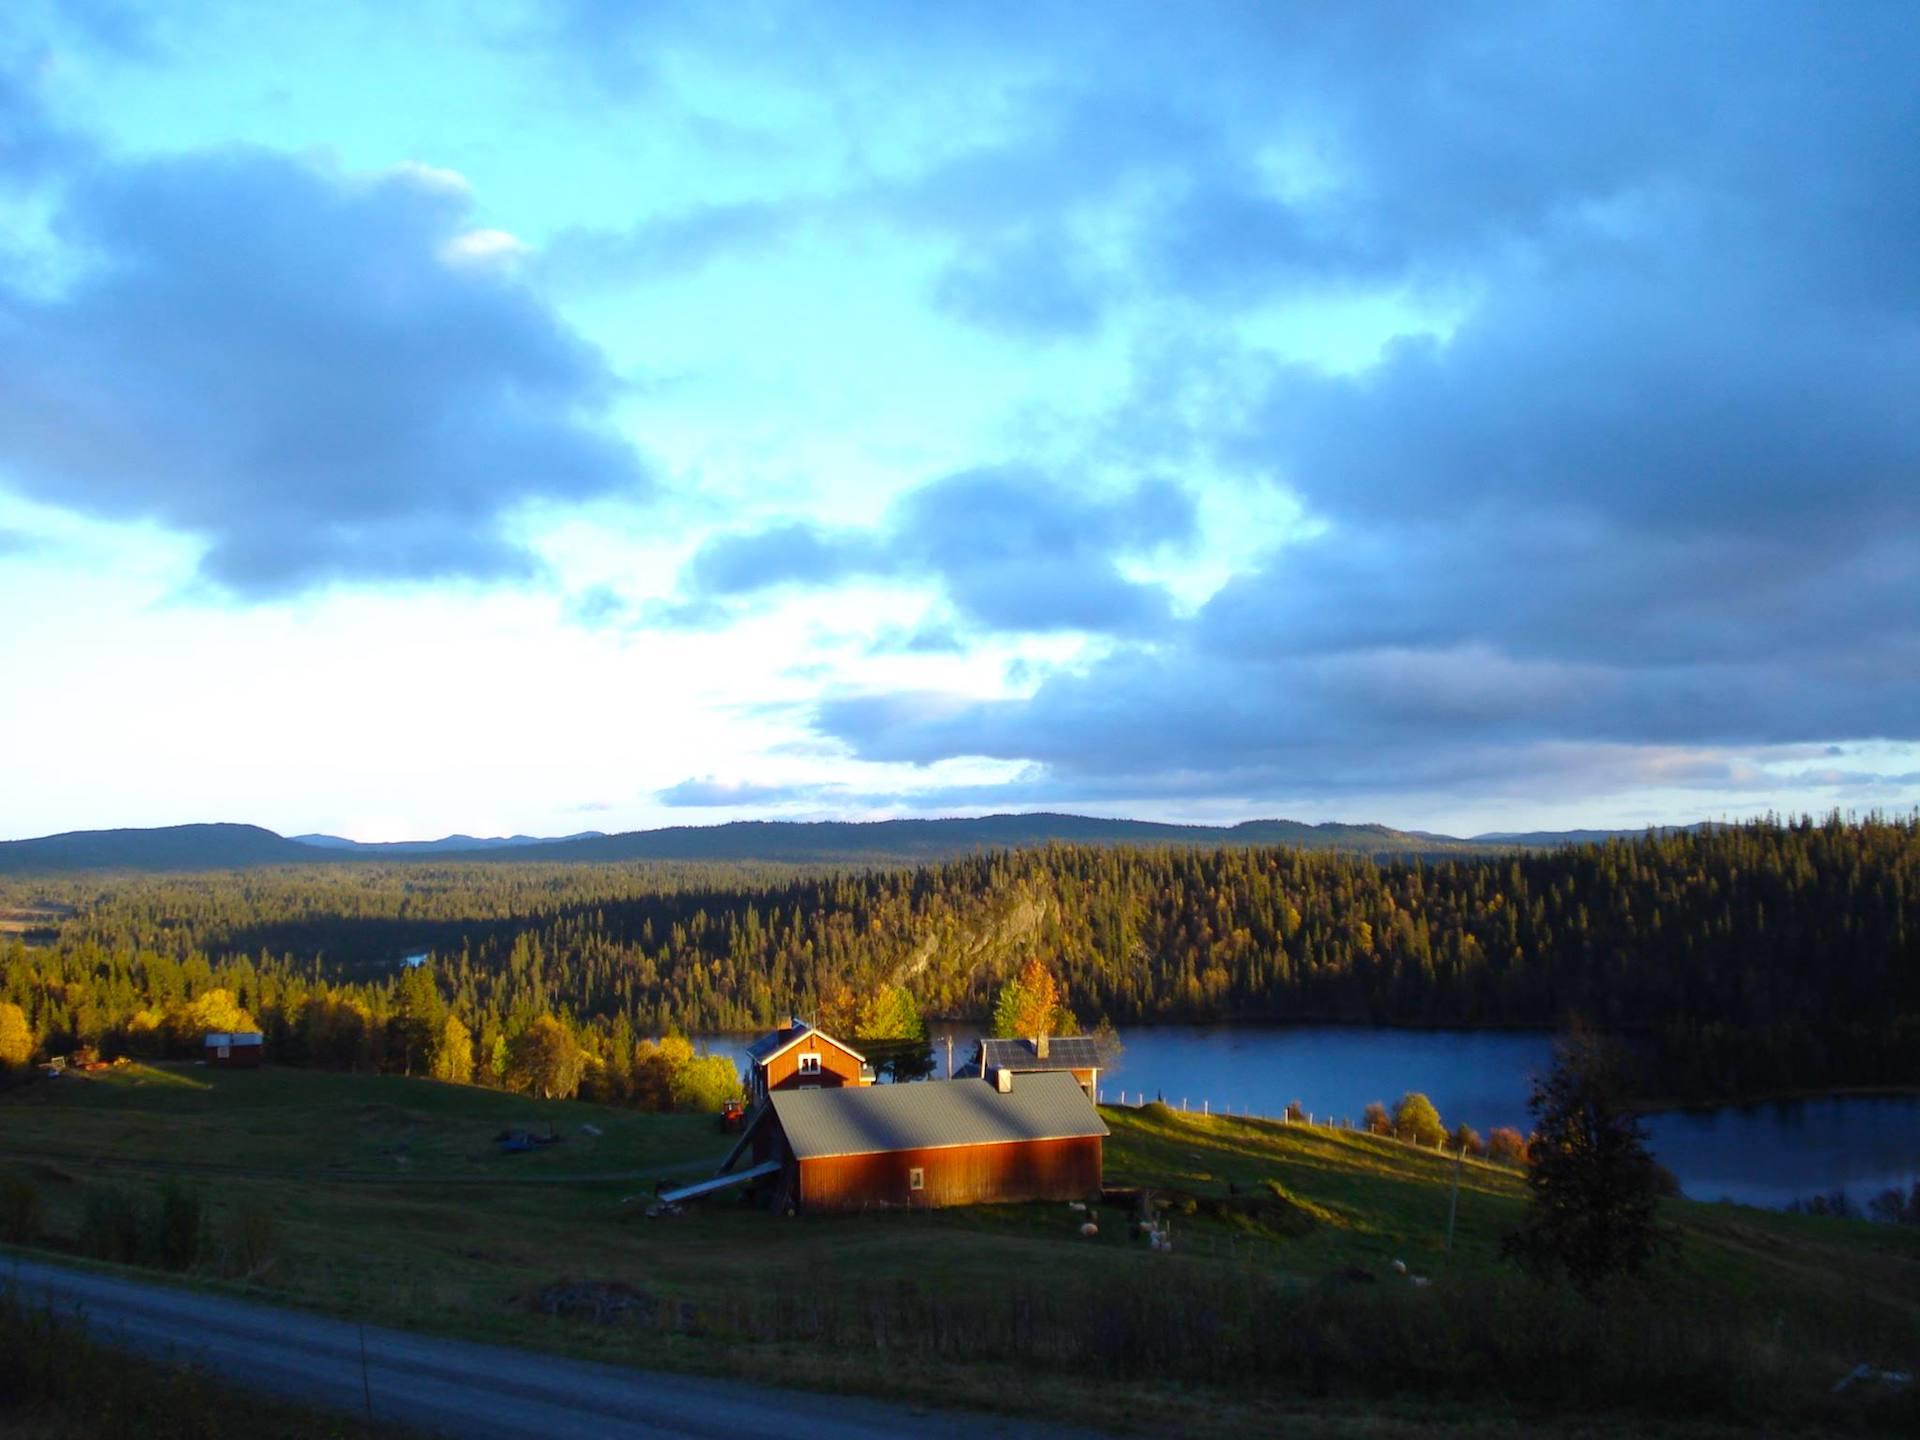 Fjällägenheten Bågavattnet i Hotagsbygden. Foto Mariana Tarander